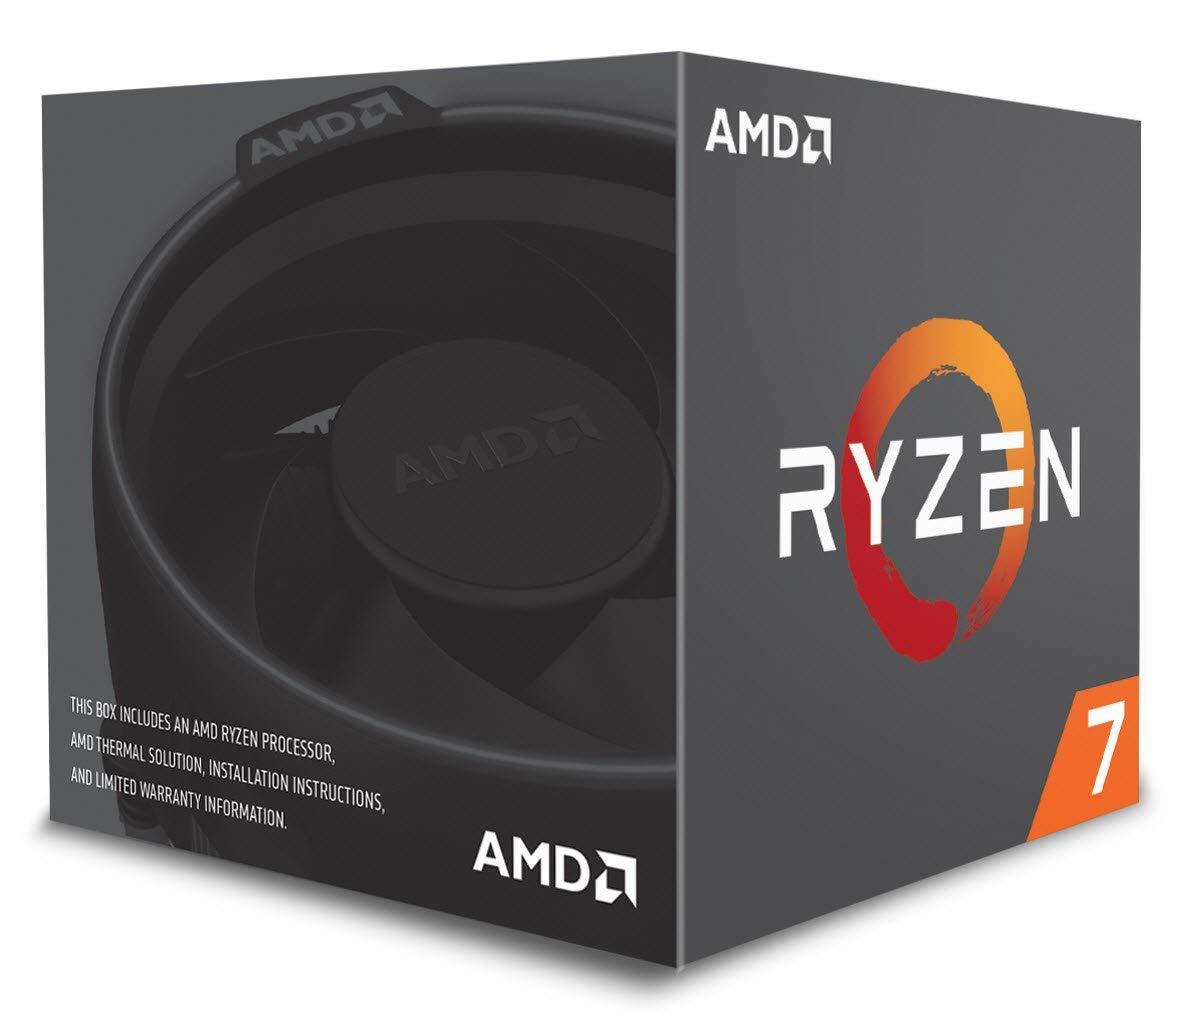 AMD Ryzen 7 2700 Processor with Wraith Spire LED Cooler - YD2700BBAFBOX 0